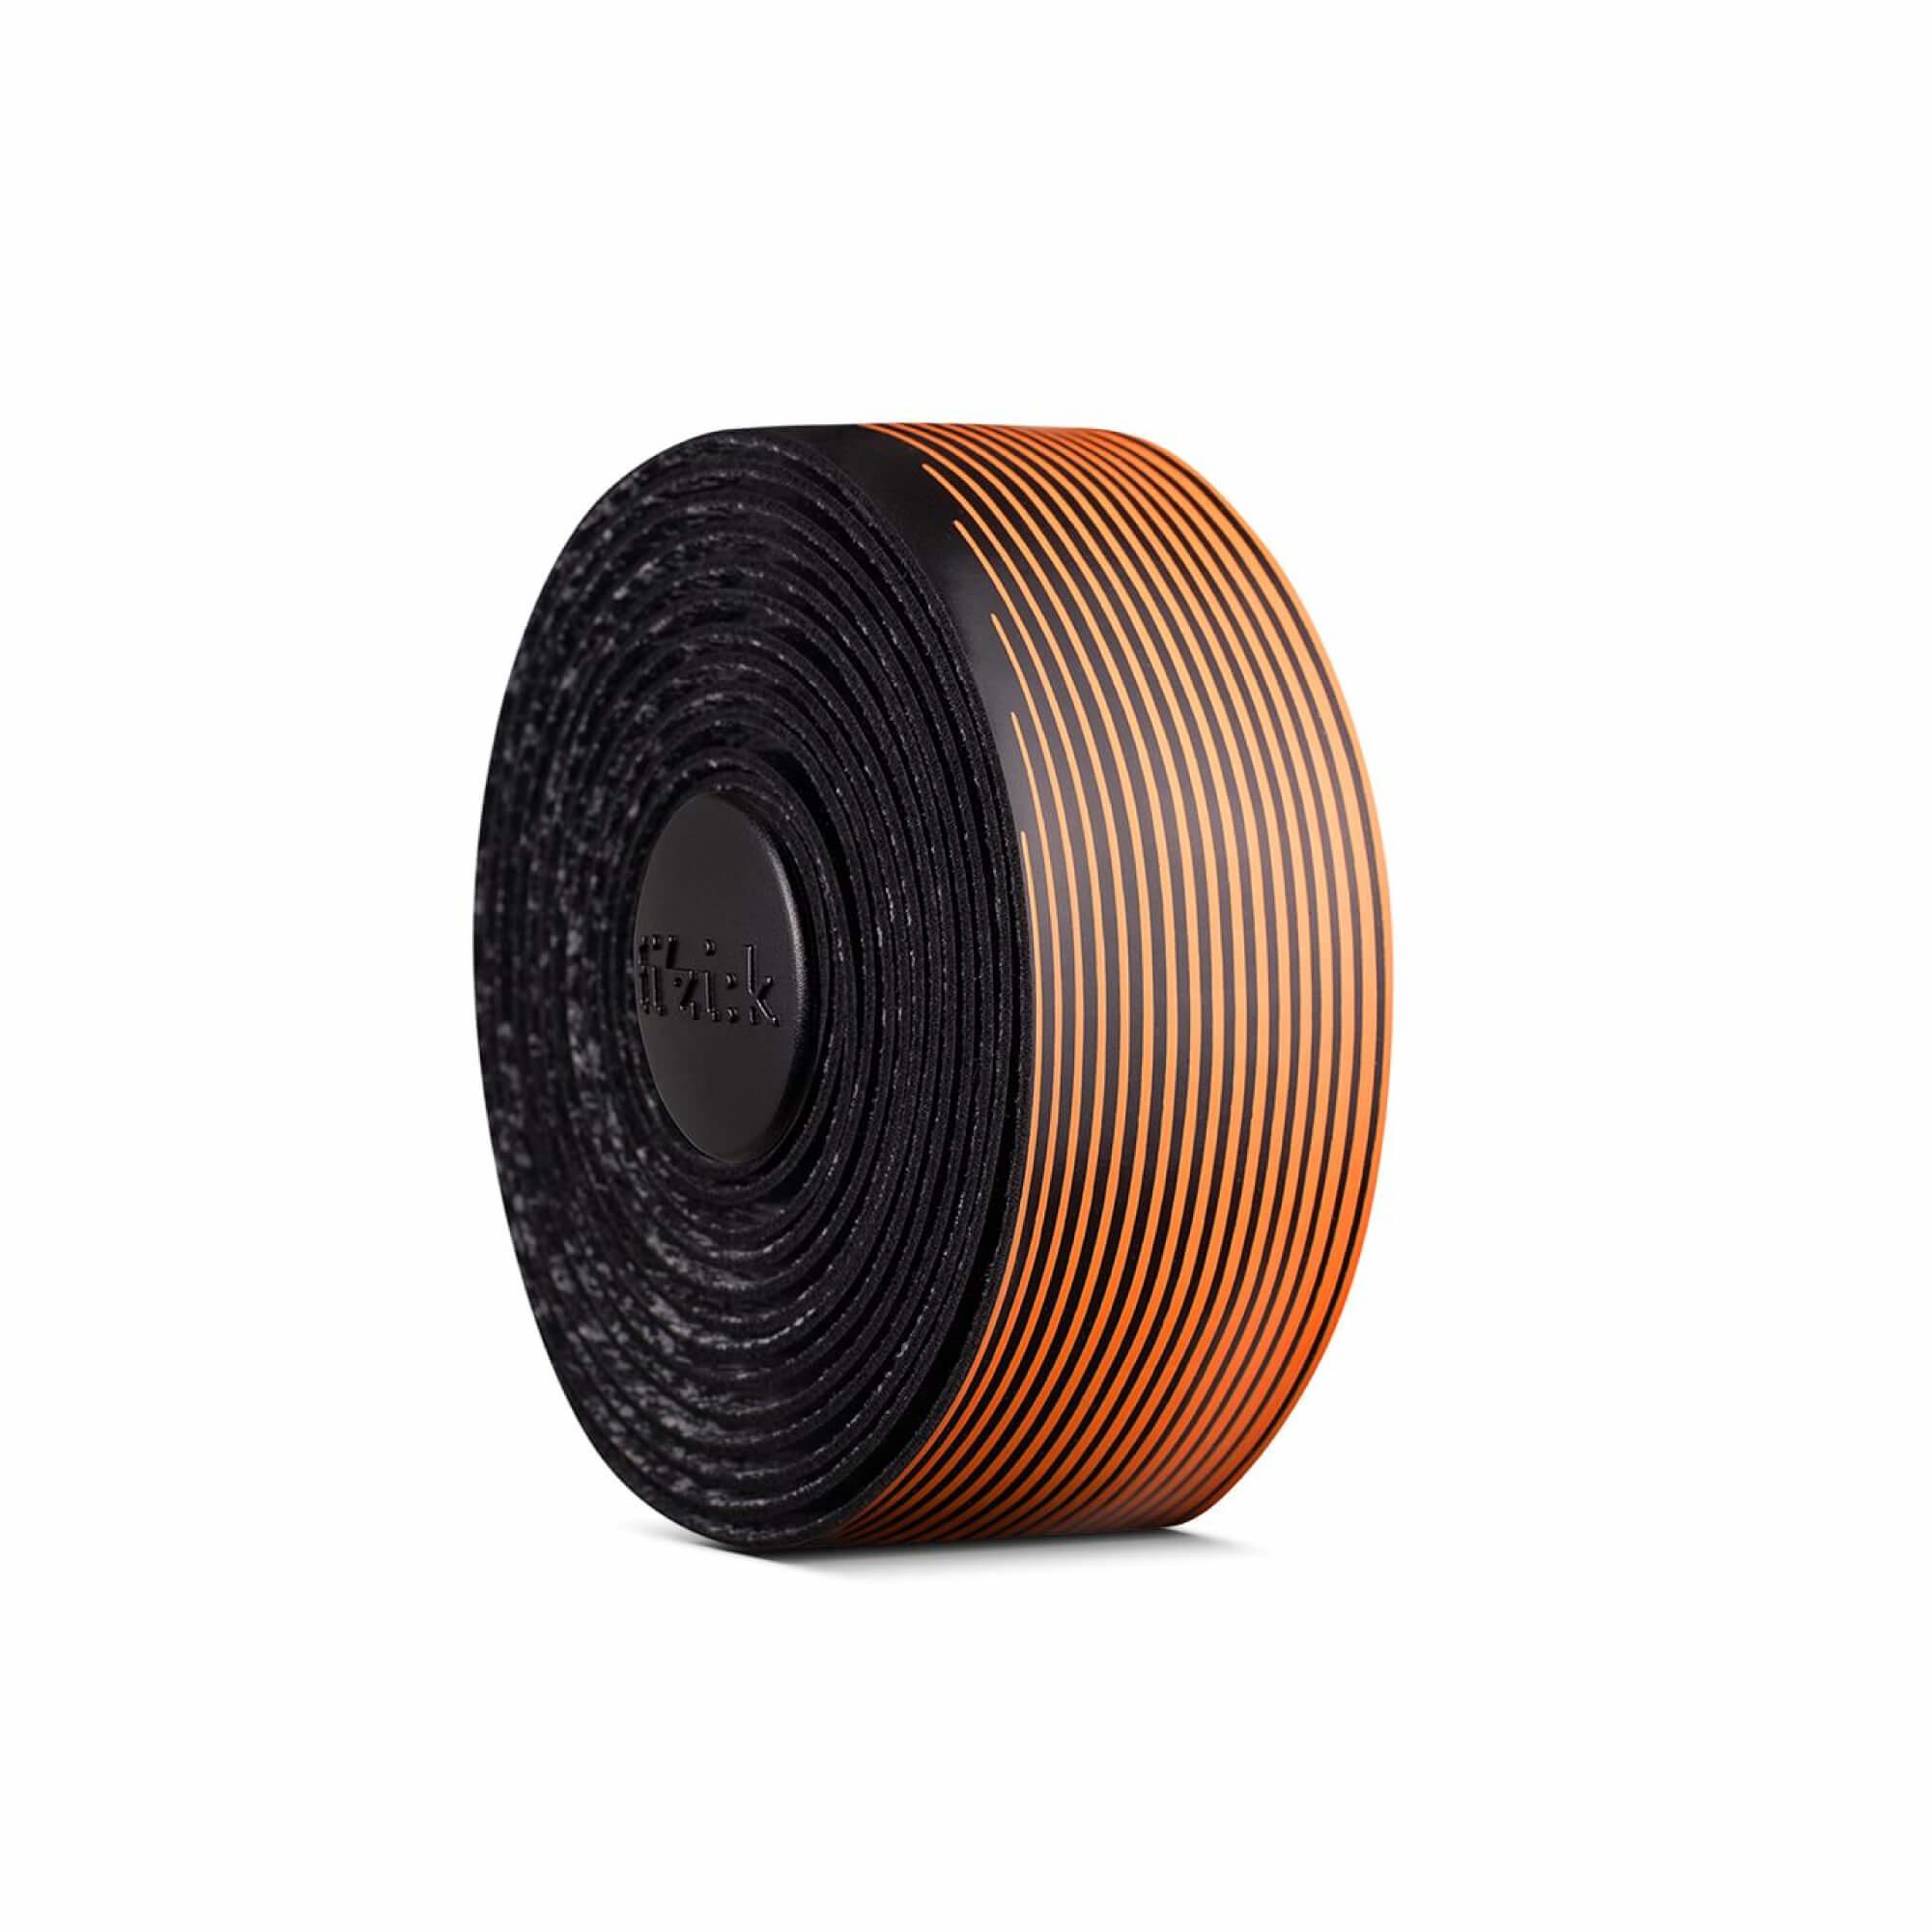 Bar Tape Vento Microtex Tacky-1